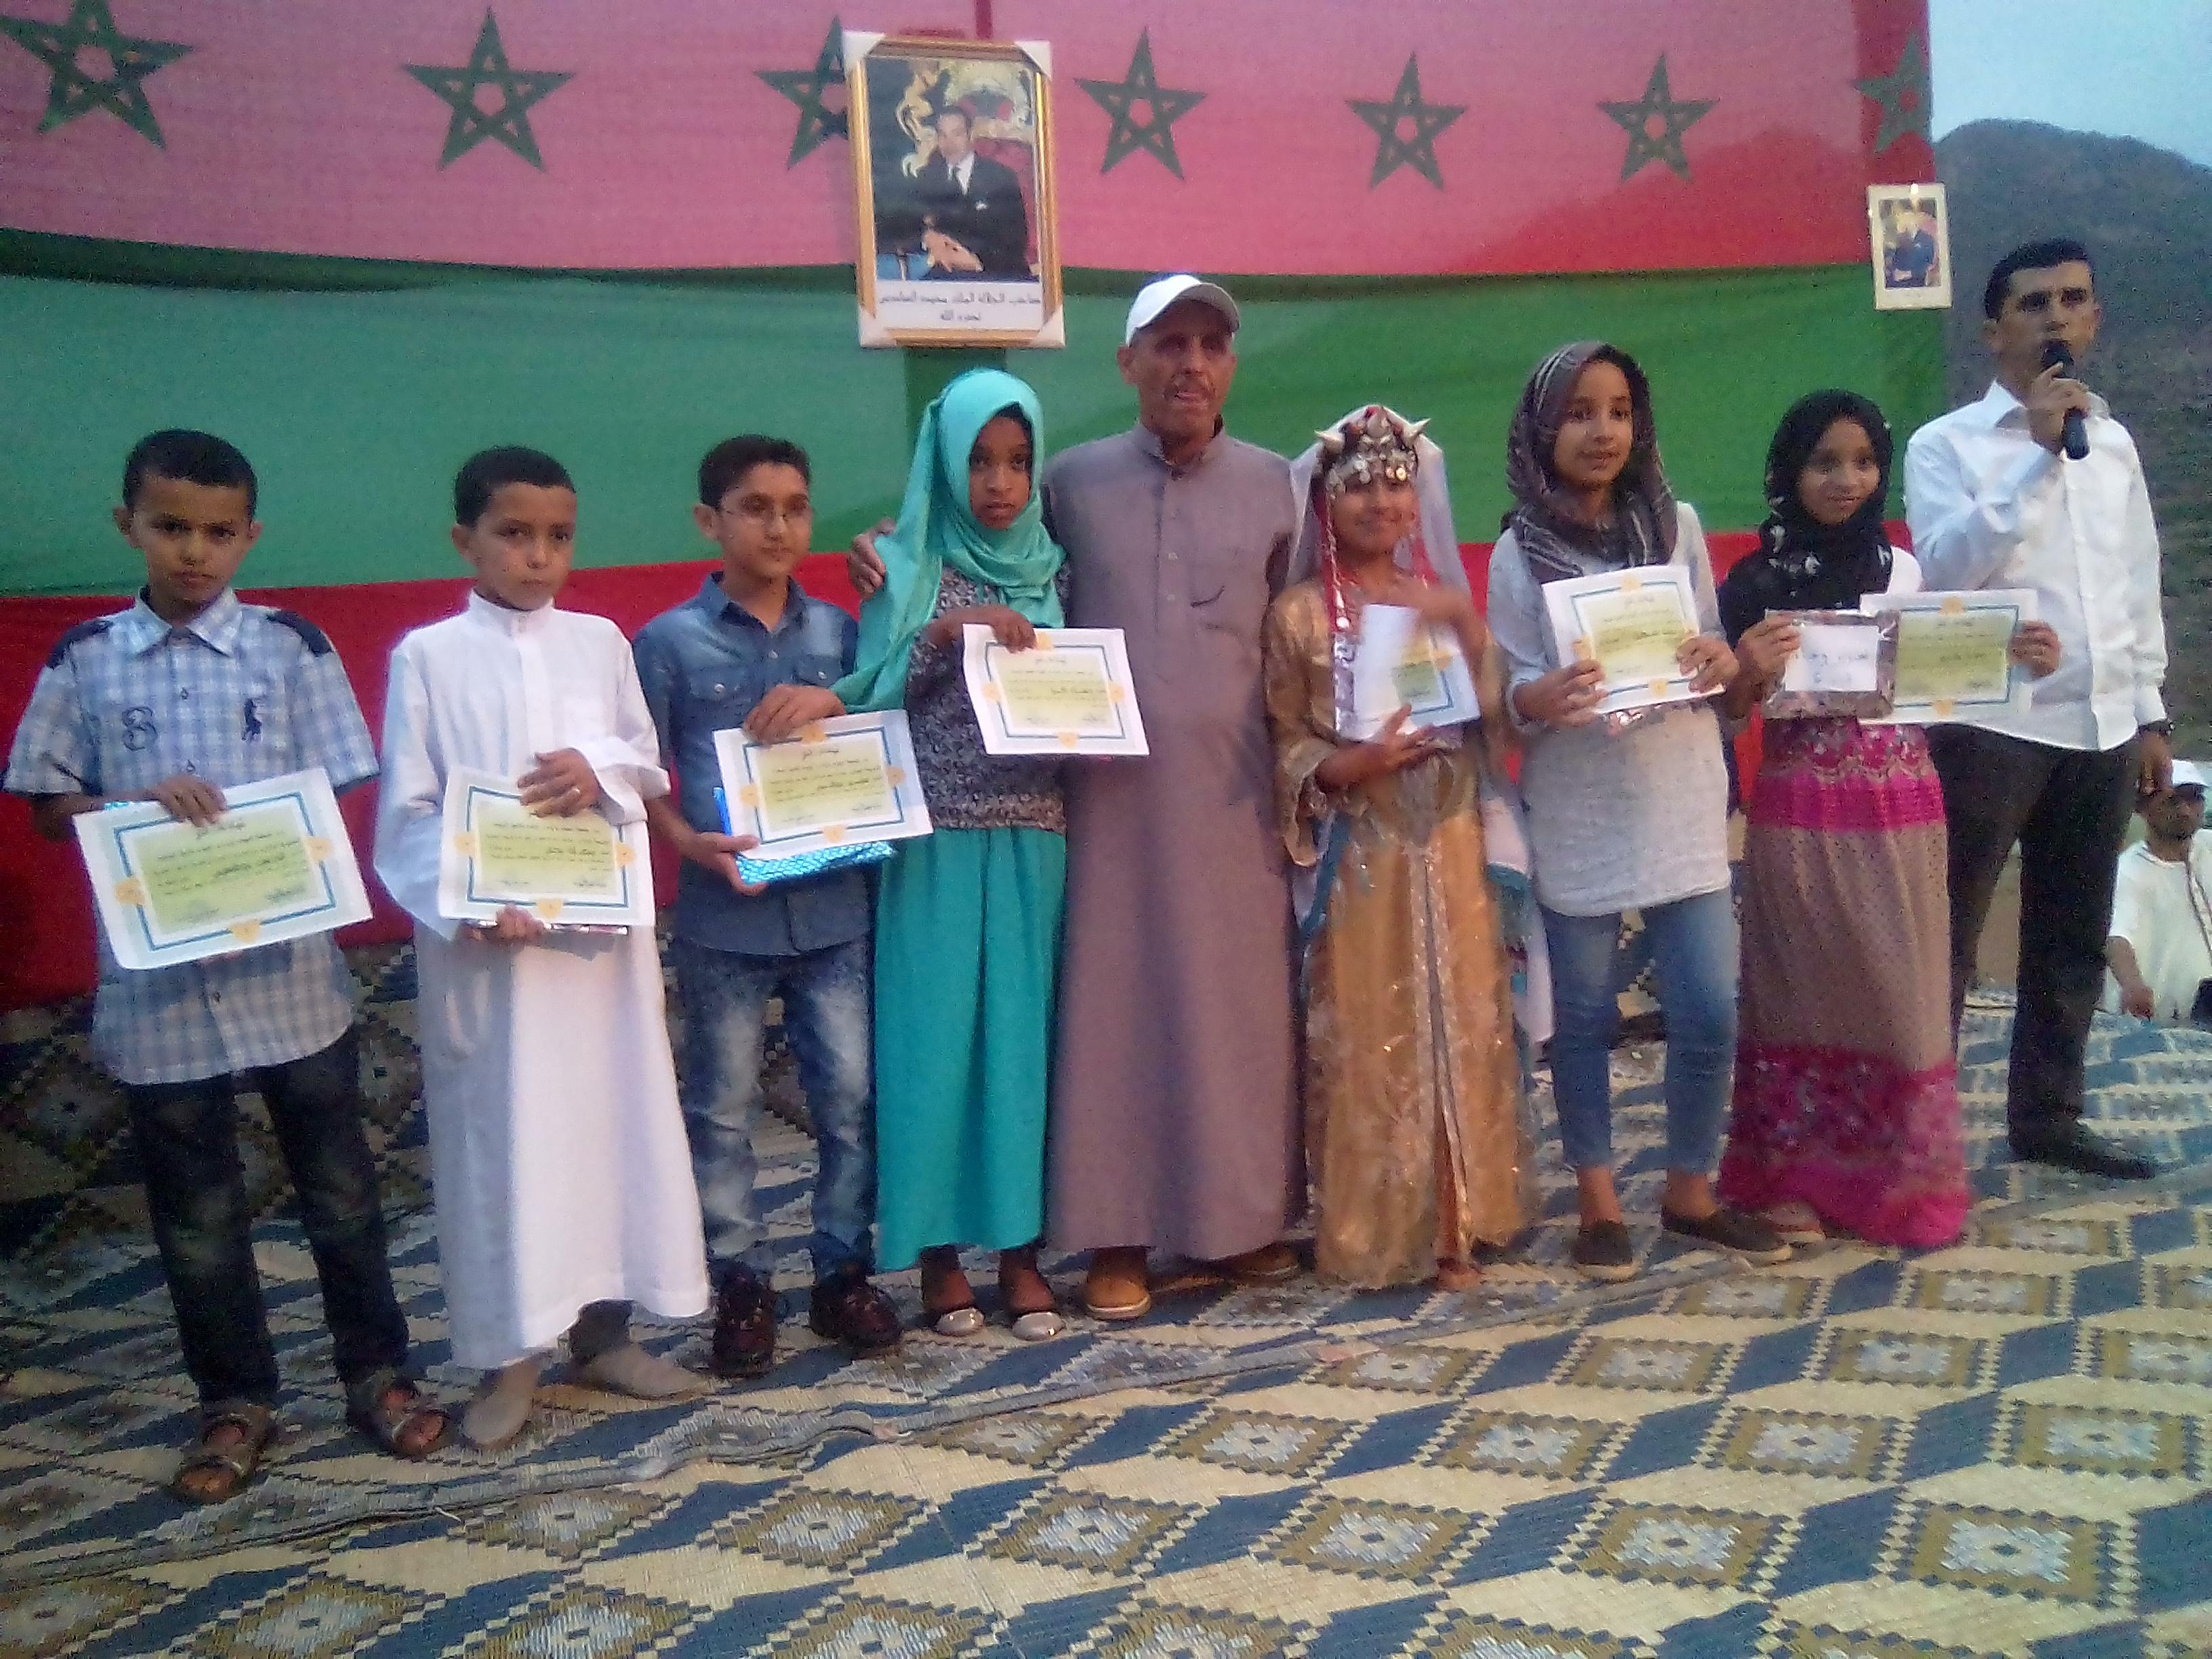 جمعية أمهات وآباء وأولياء تلاميذ الوحدة المدرسية أوشان بجماعة أربعاء الساحل تحتفي بالمتفوقين